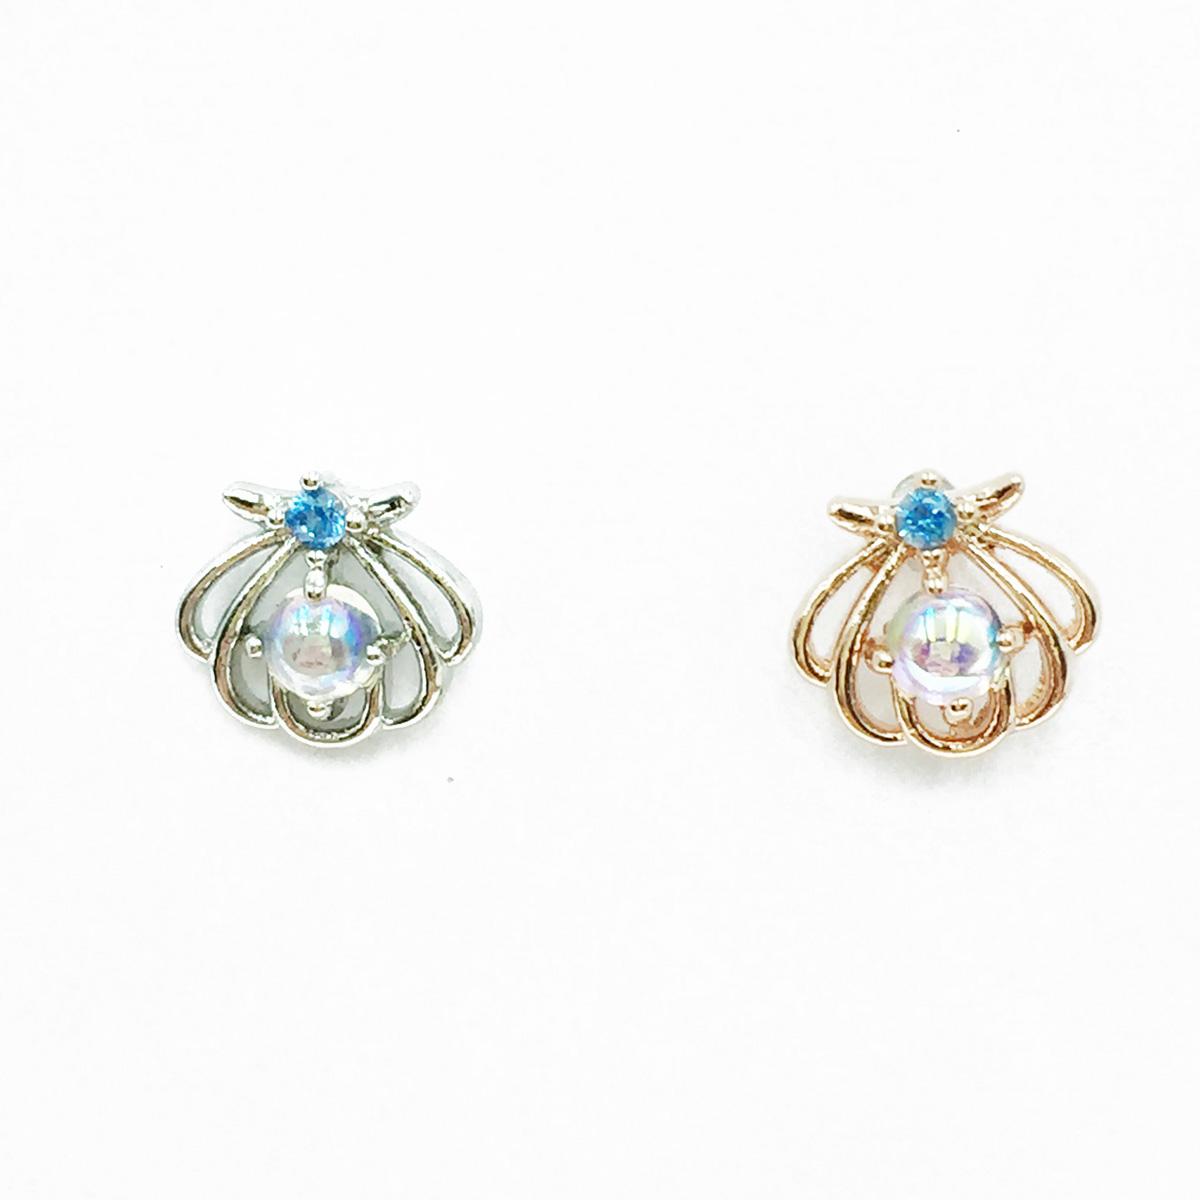 韓國 不鏽鋼 愛心 貝殼 水鑽 兩色 單支後轉 耳針式耳環